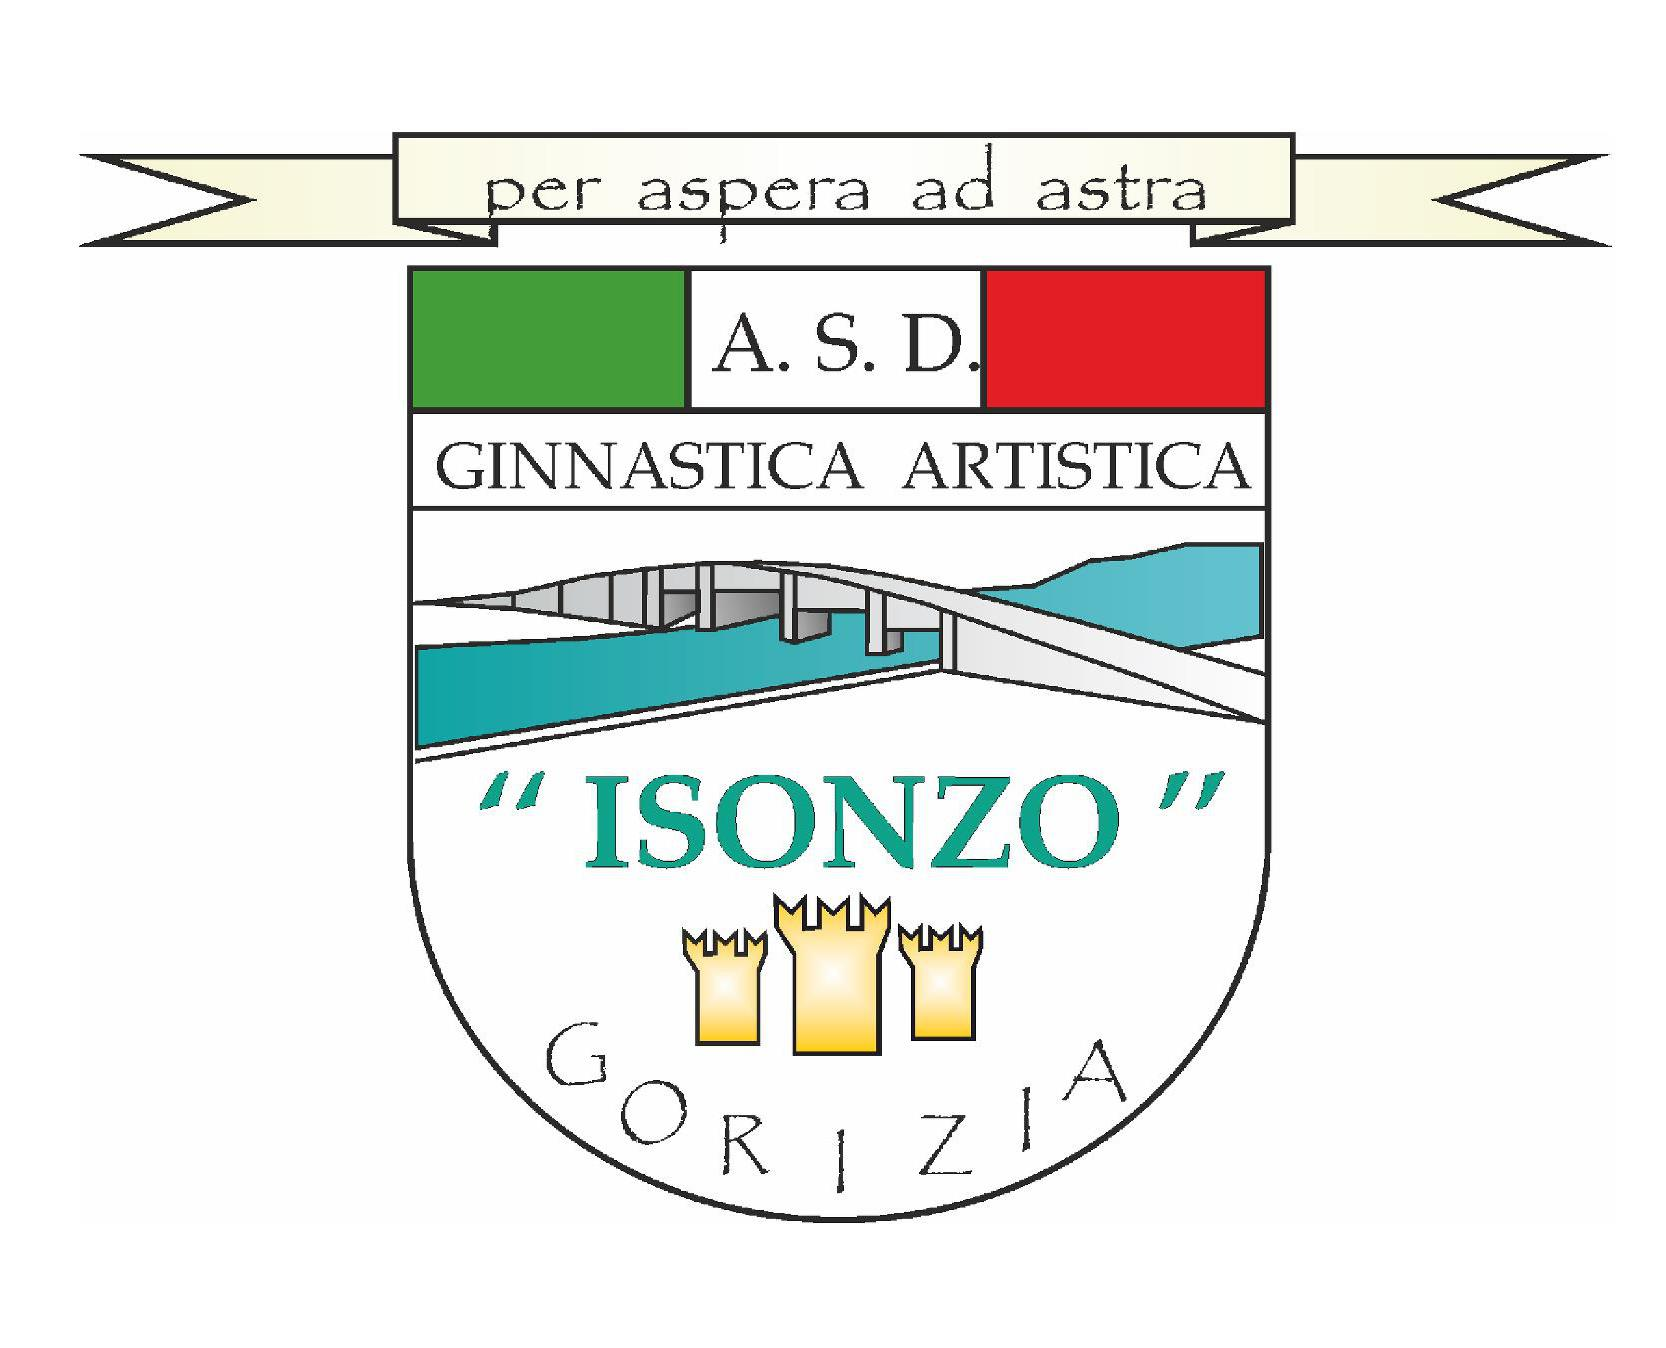 Ginnastica Artistica Isonzo